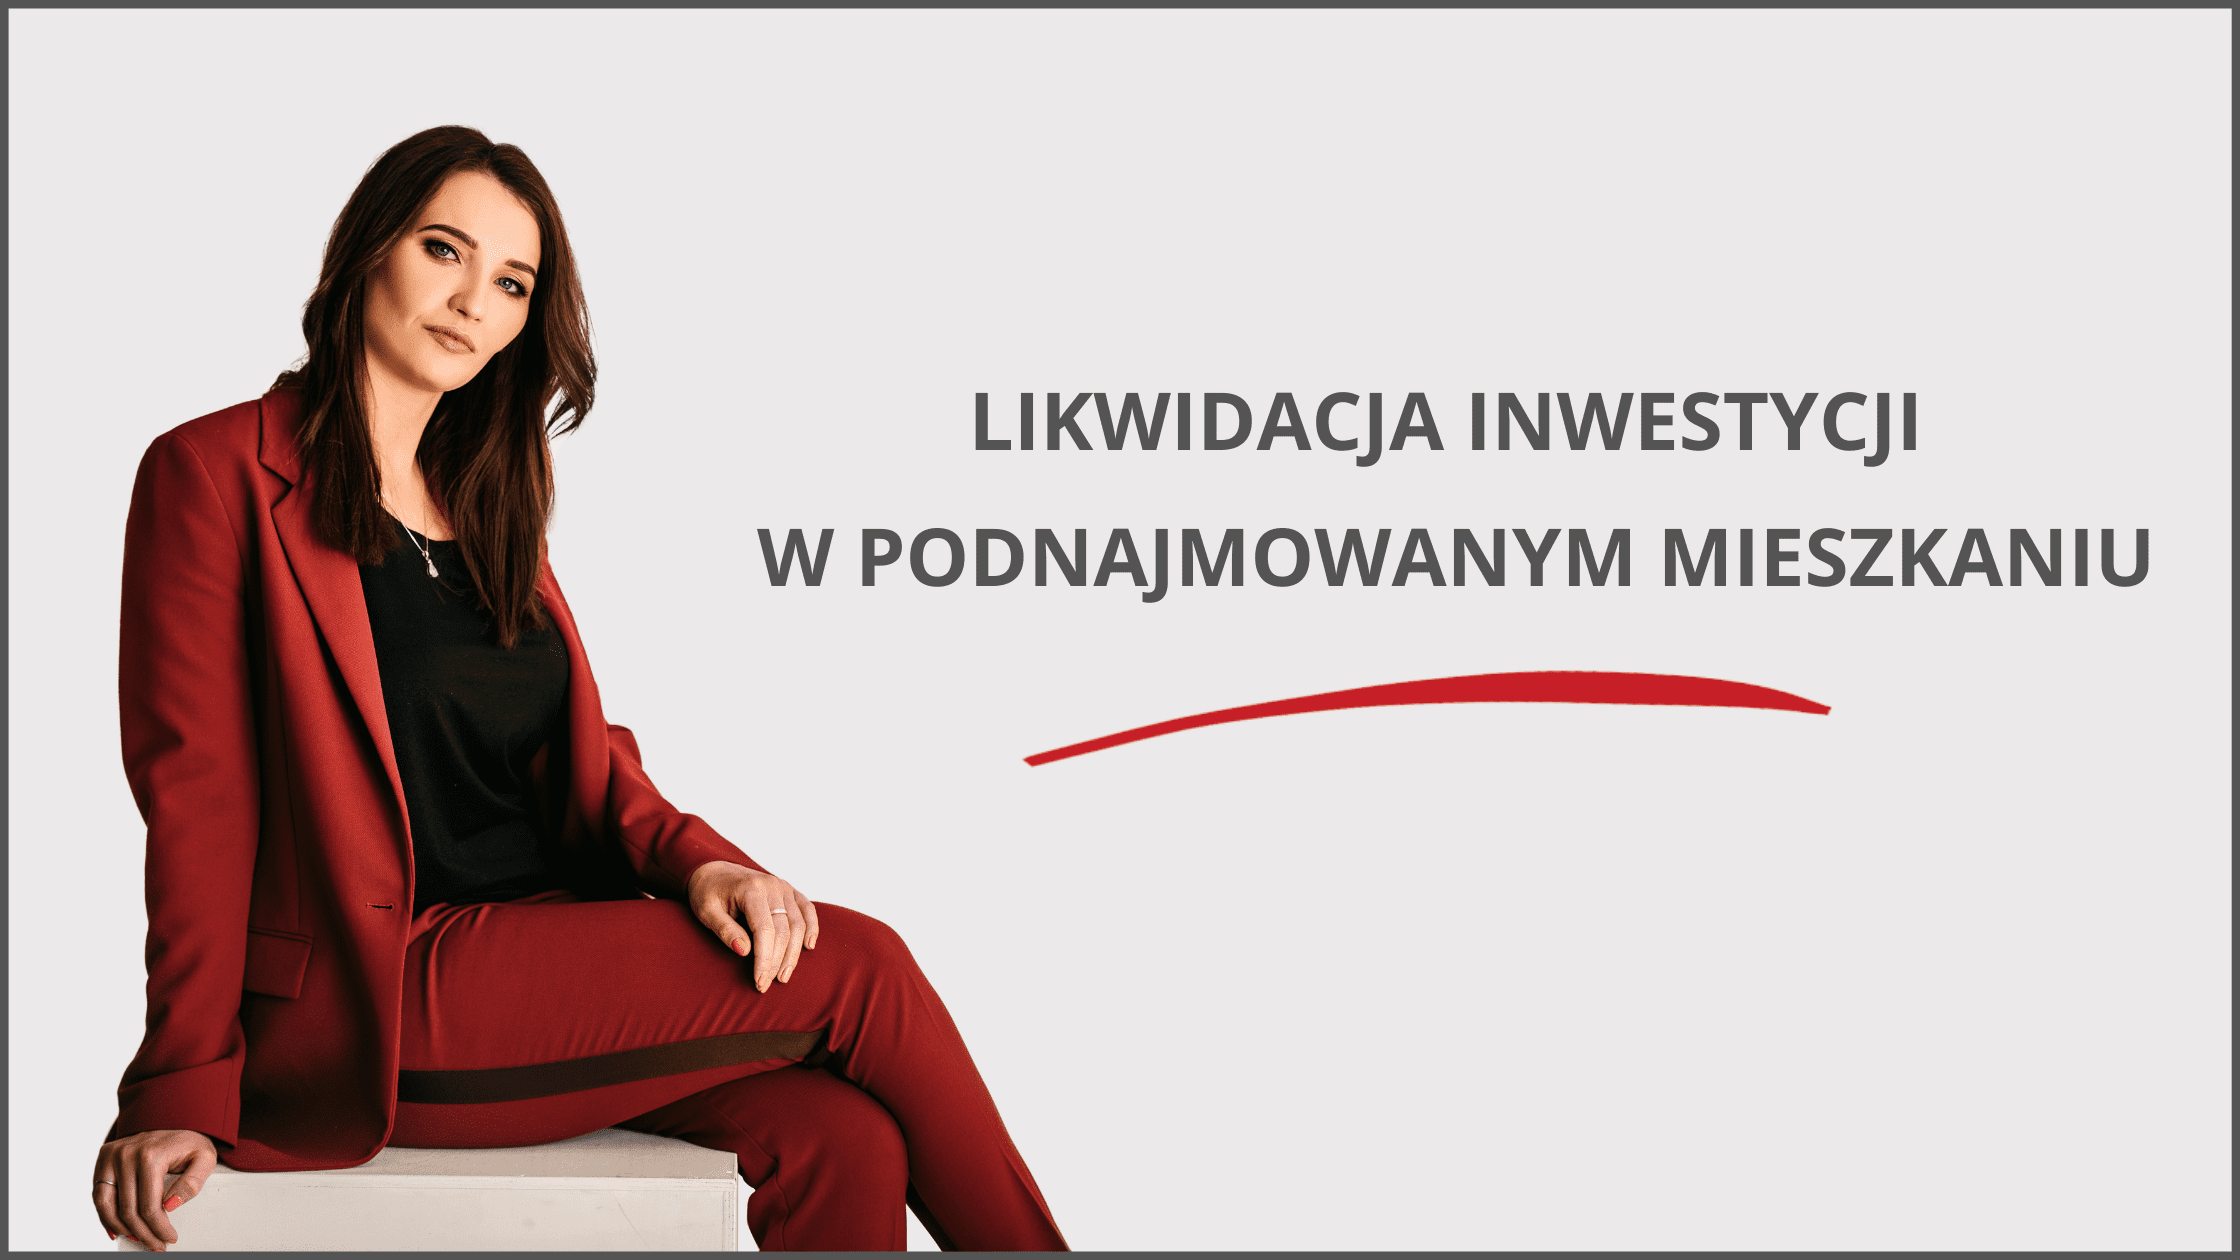 okładka likwidacja inwestycji